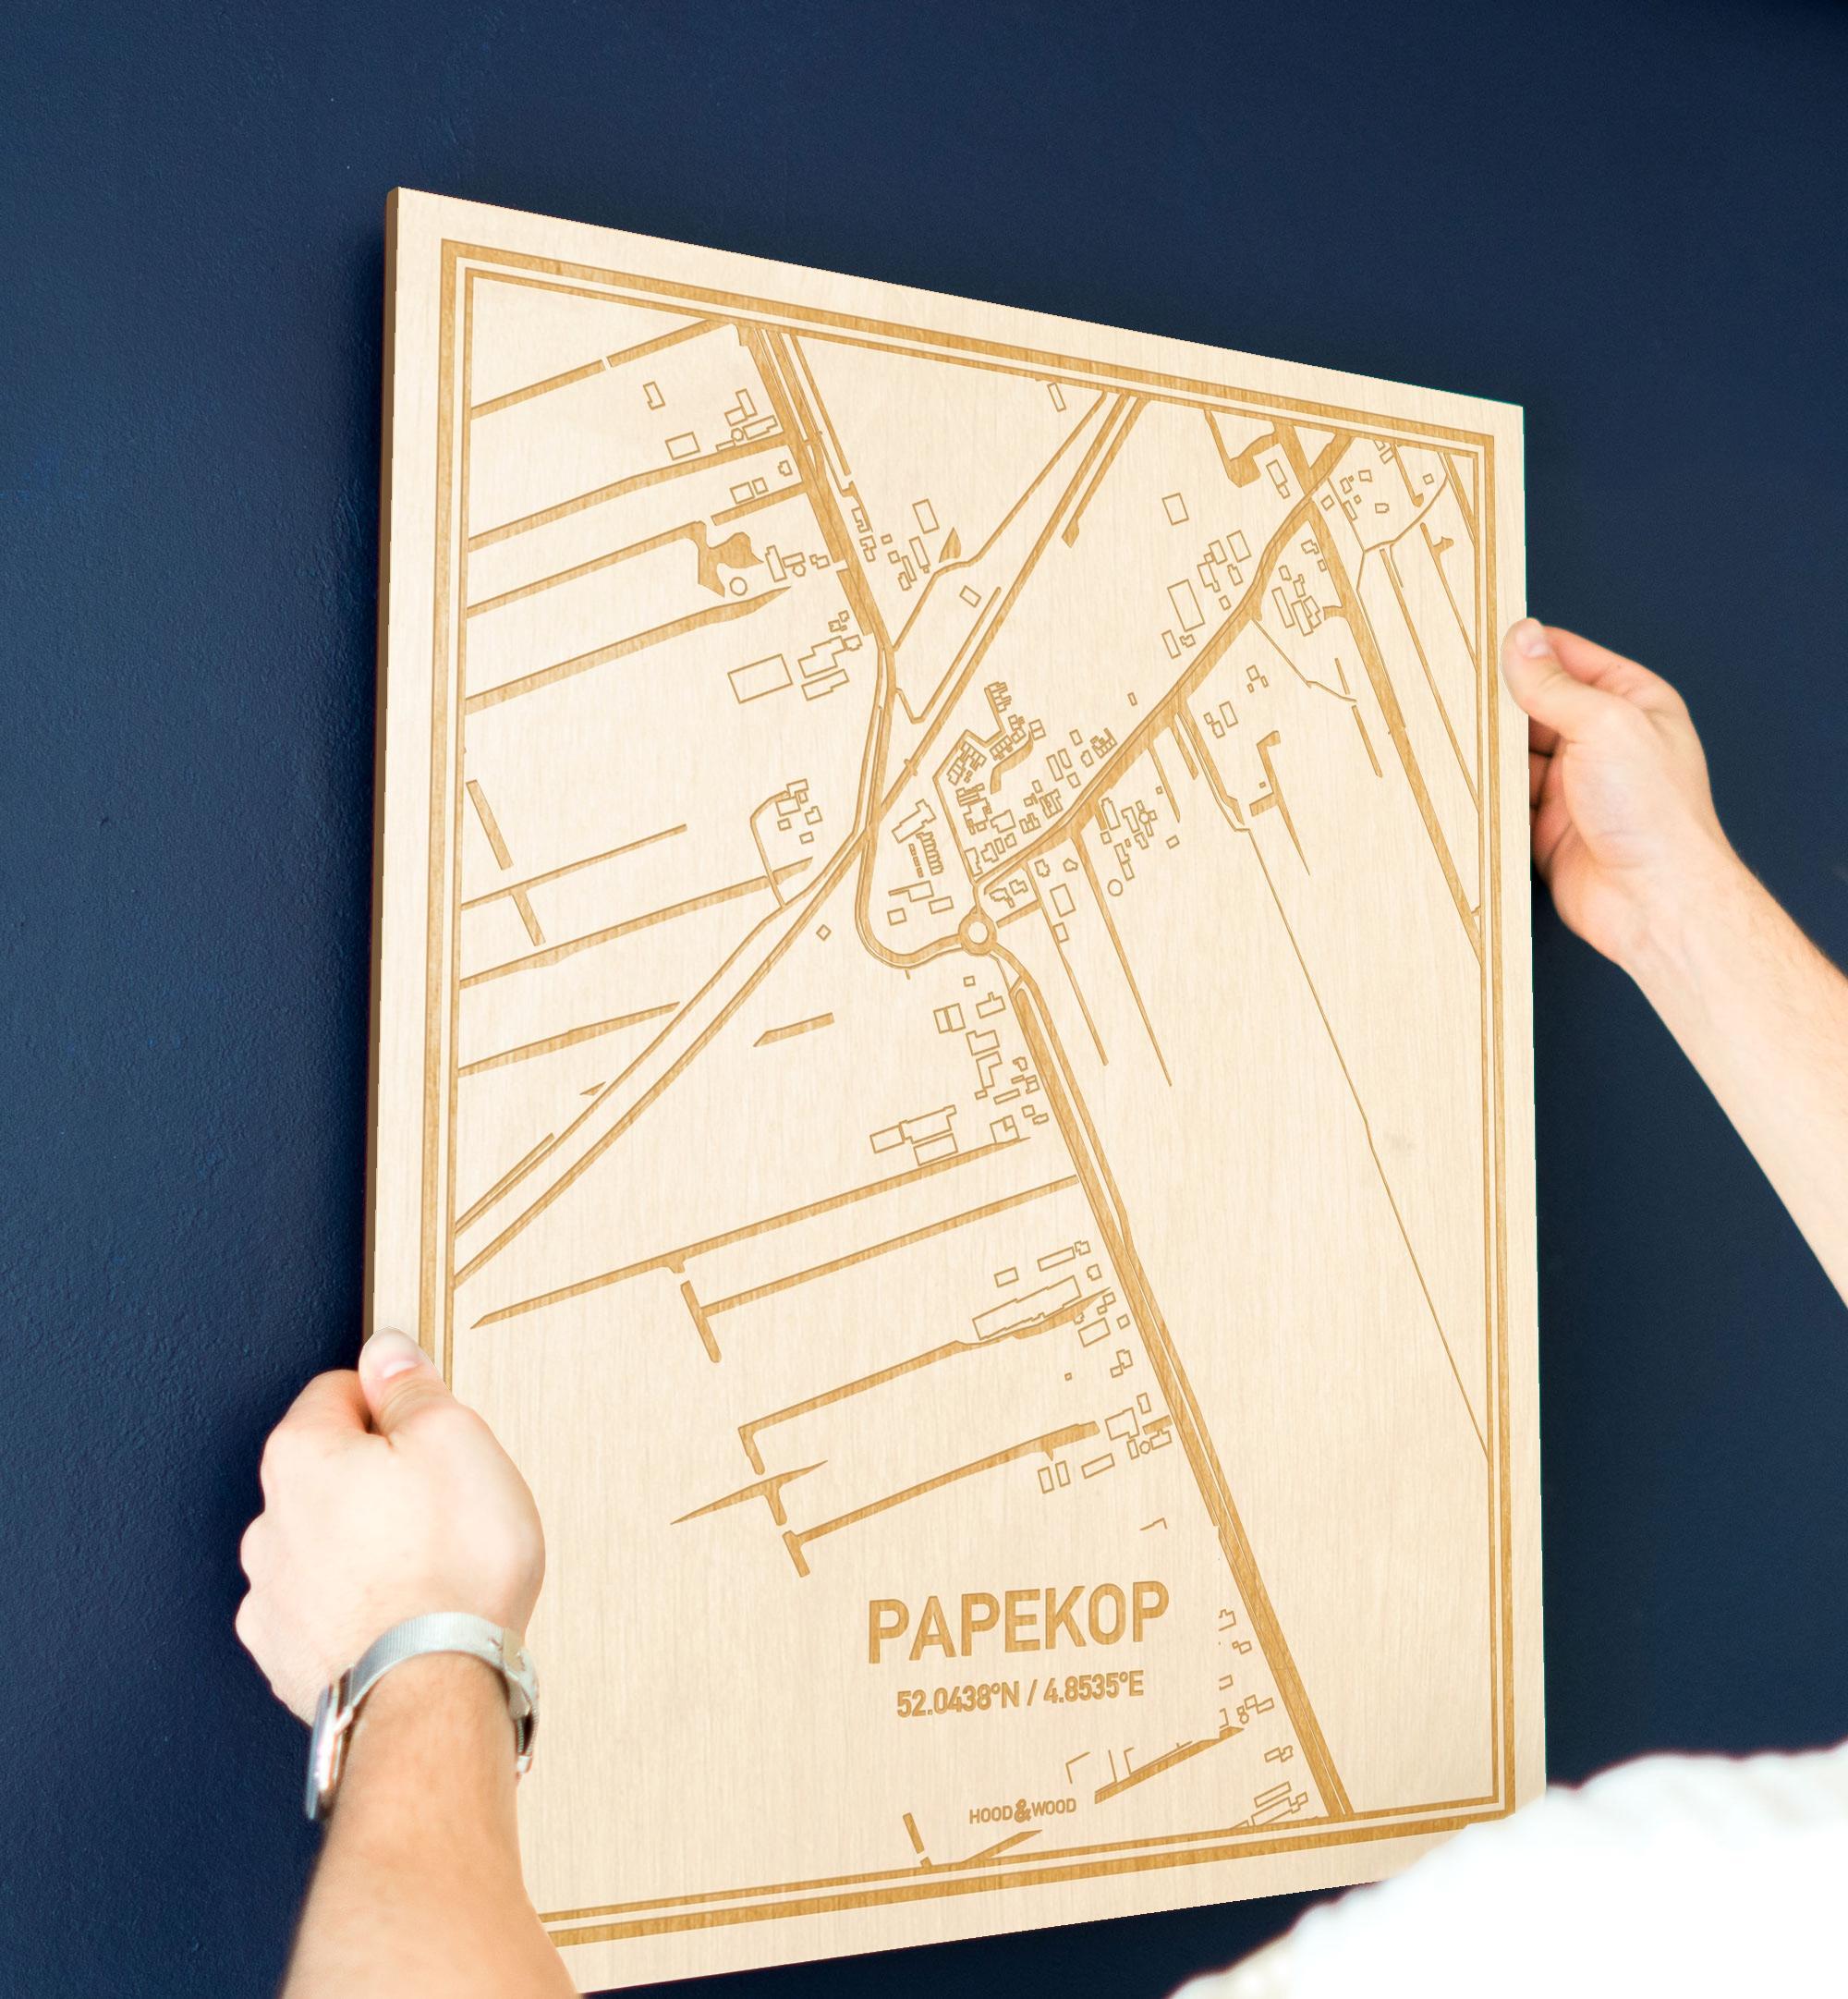 Een man hangt de houten plattegrond Papekop aan zijn blauwe muur ter decoratie. Je ziet alleen zijn handen de kaart van deze speciale in Utrecht vasthouden.